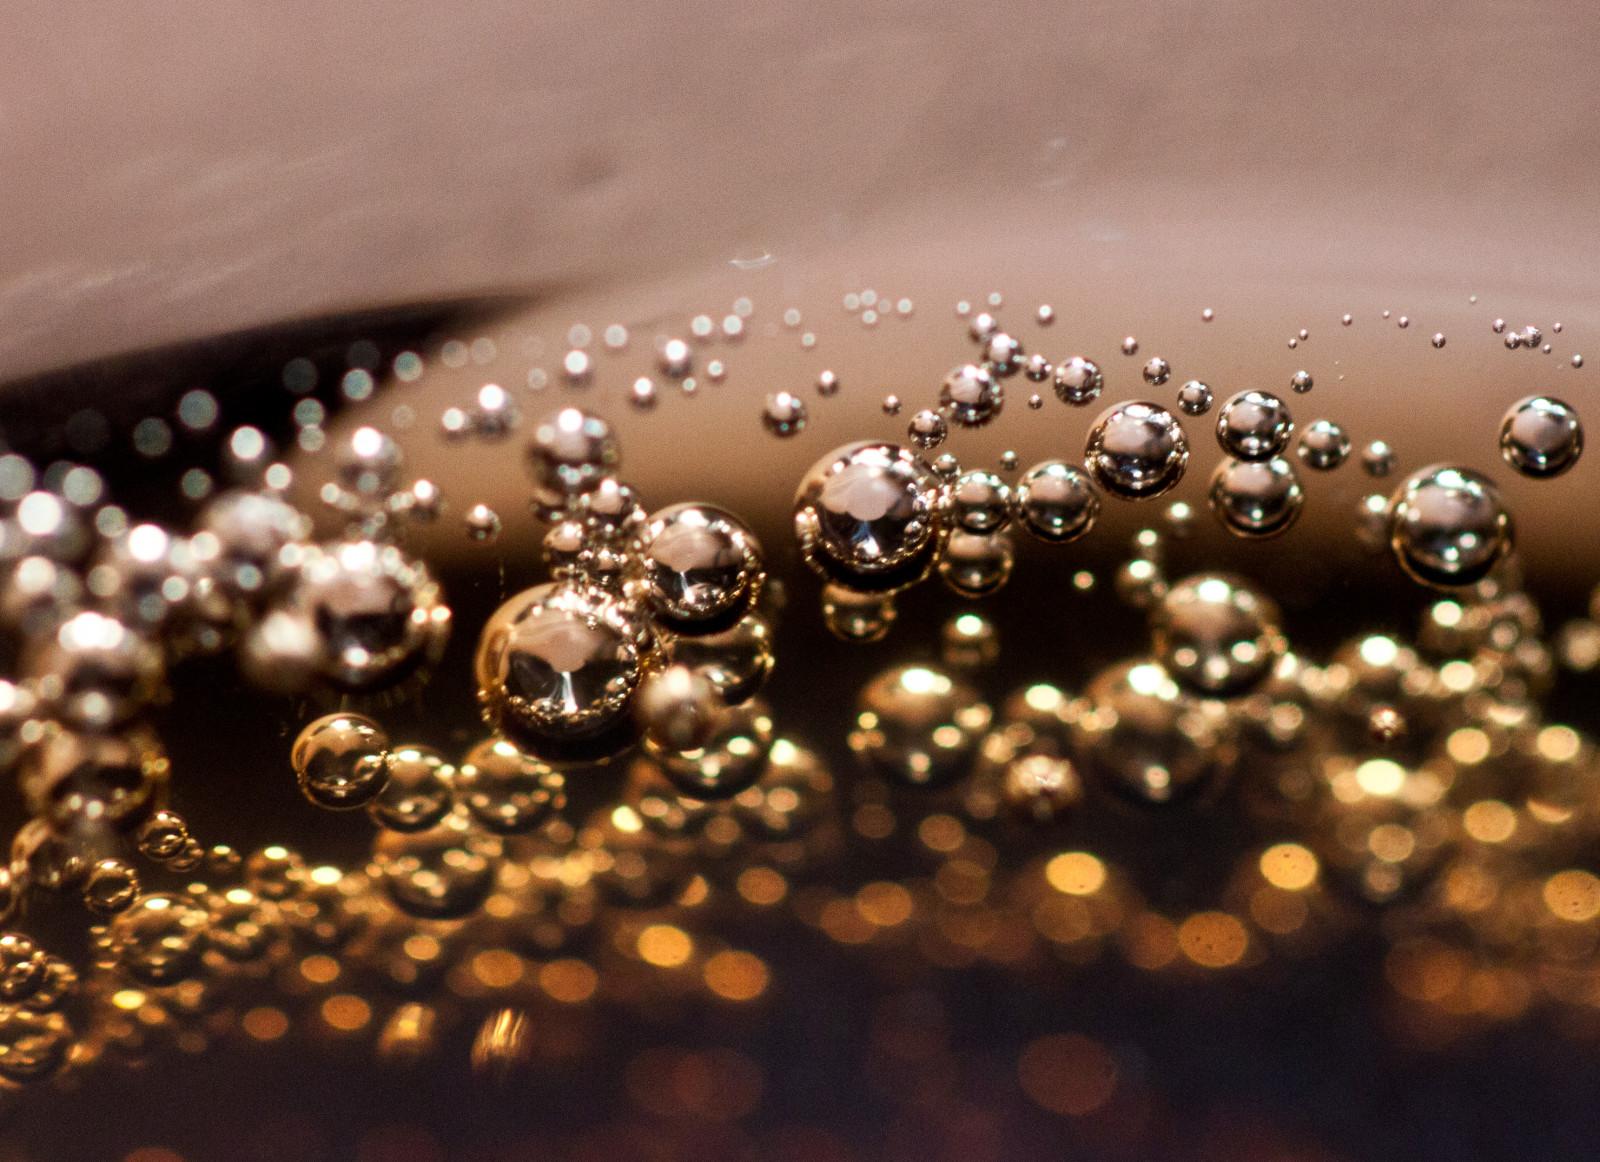 Fond d'écran : eau, la photographie, marron, métal, bulles, rosée, laissez tomber, fermer ...